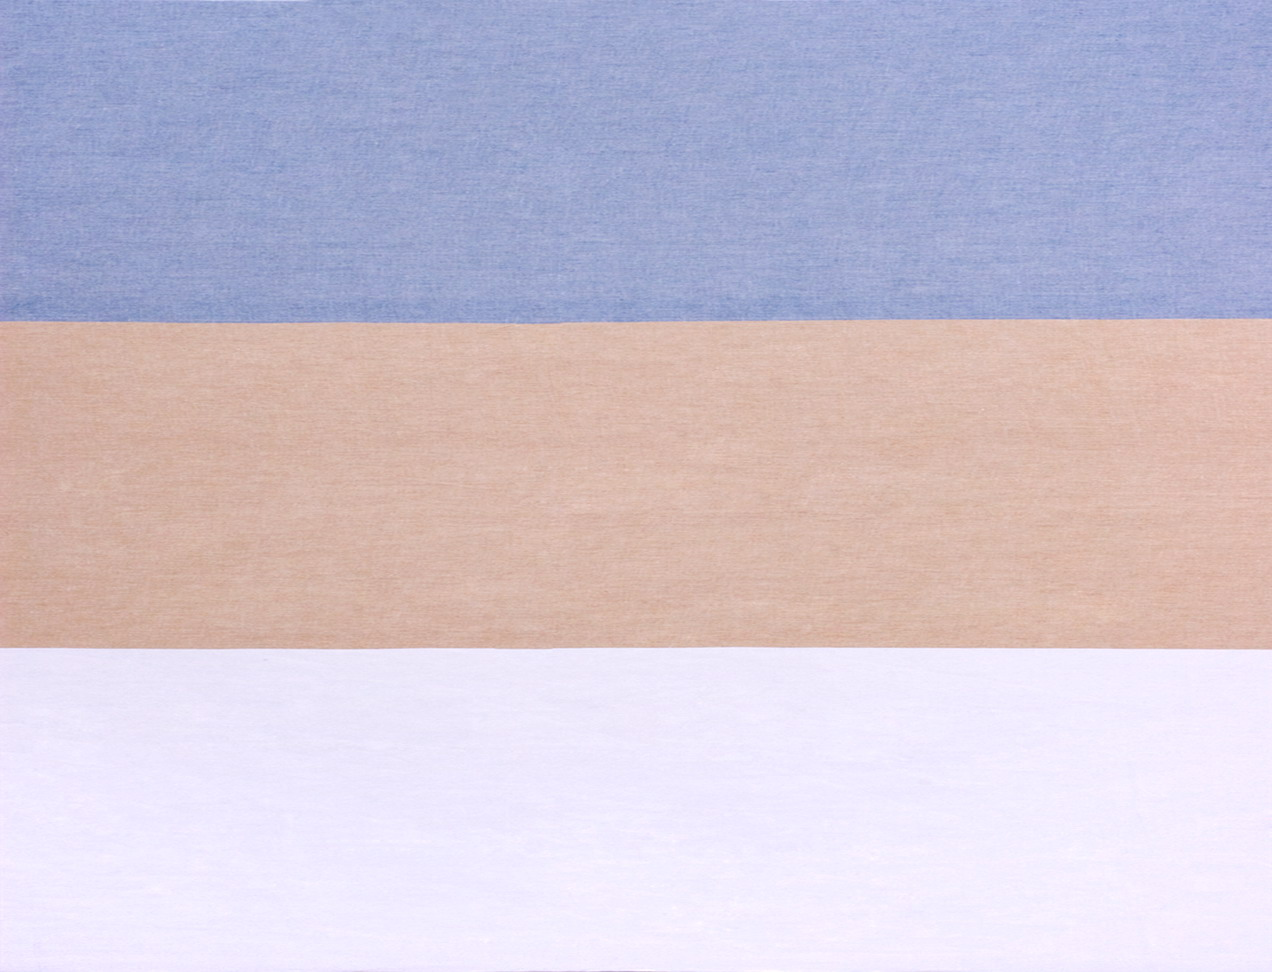 LAVENO BARRE' MACHE' Light Blue-Straw-White cm 77